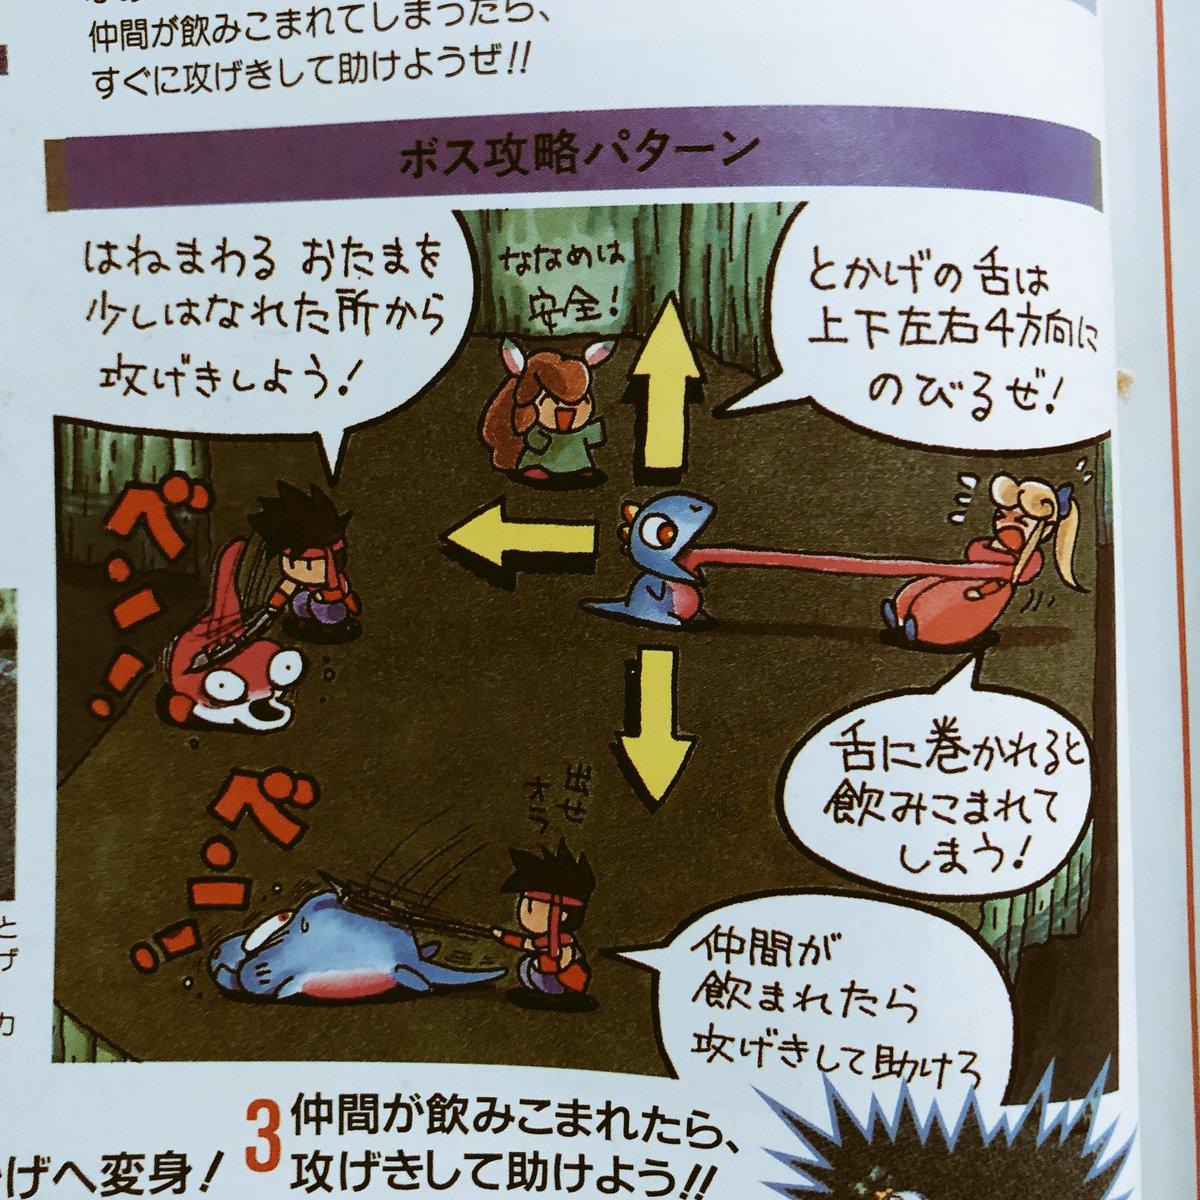 剣 攻略 2 聖 伝説